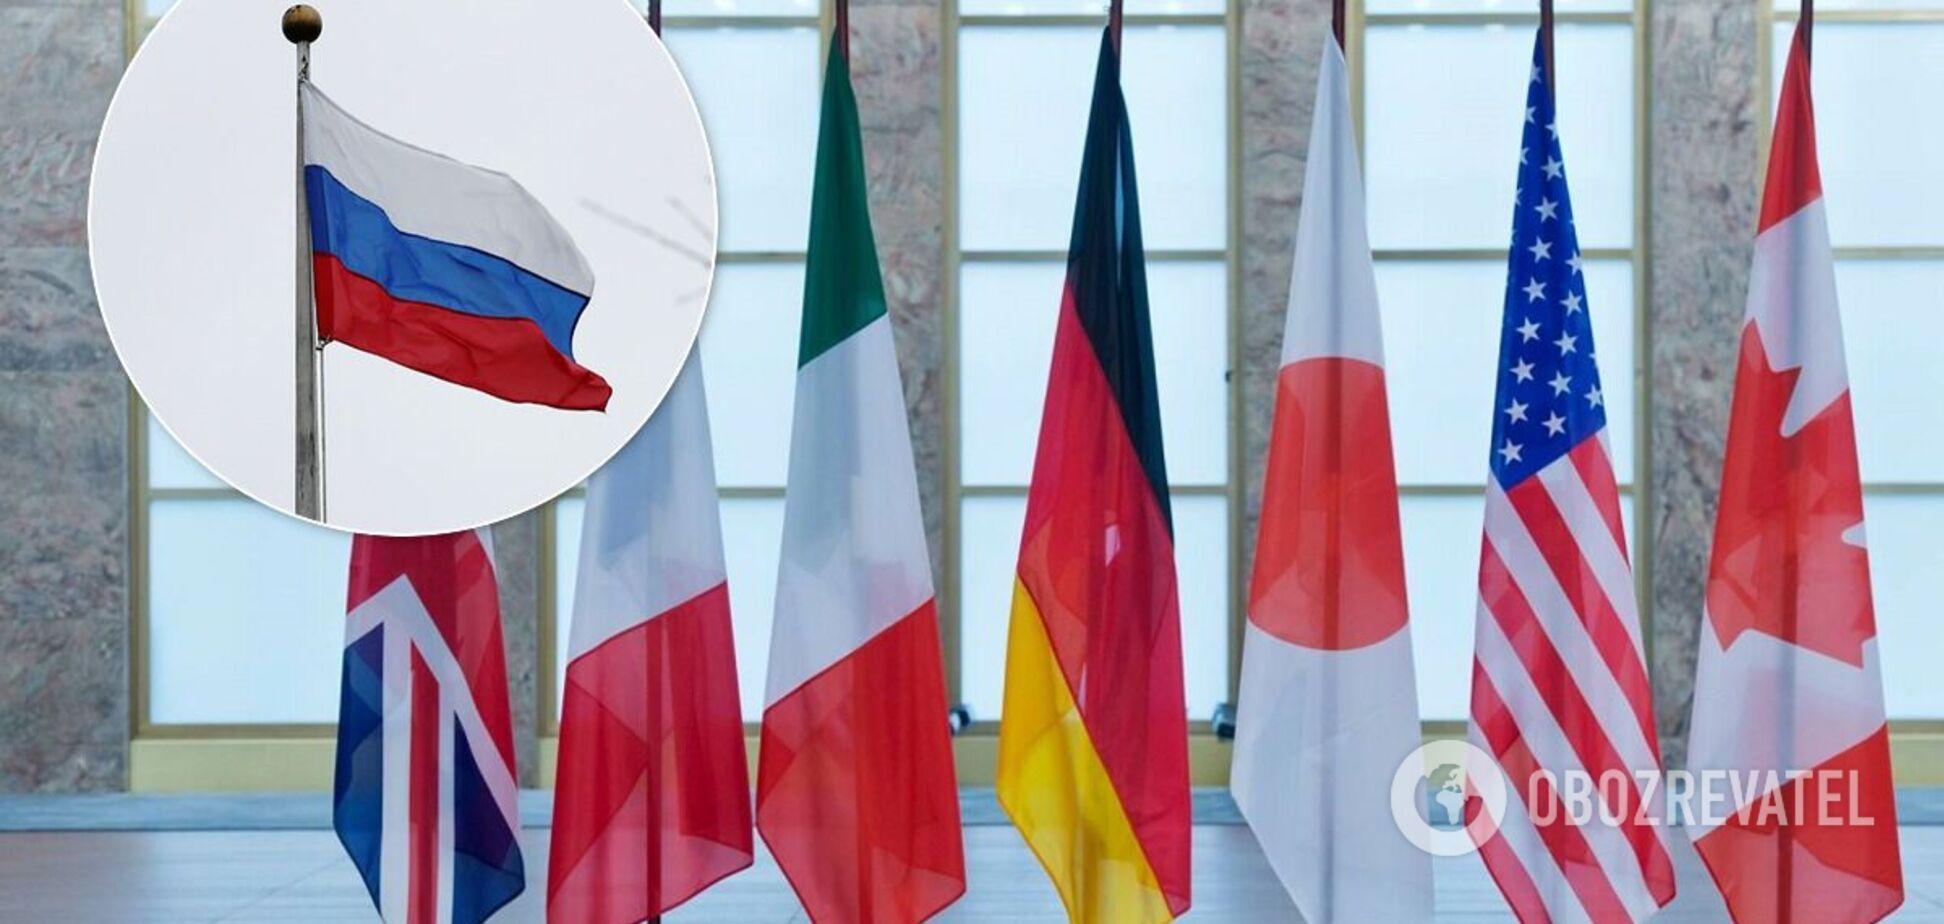 Для Японии важно сохранить рамки G7 без России